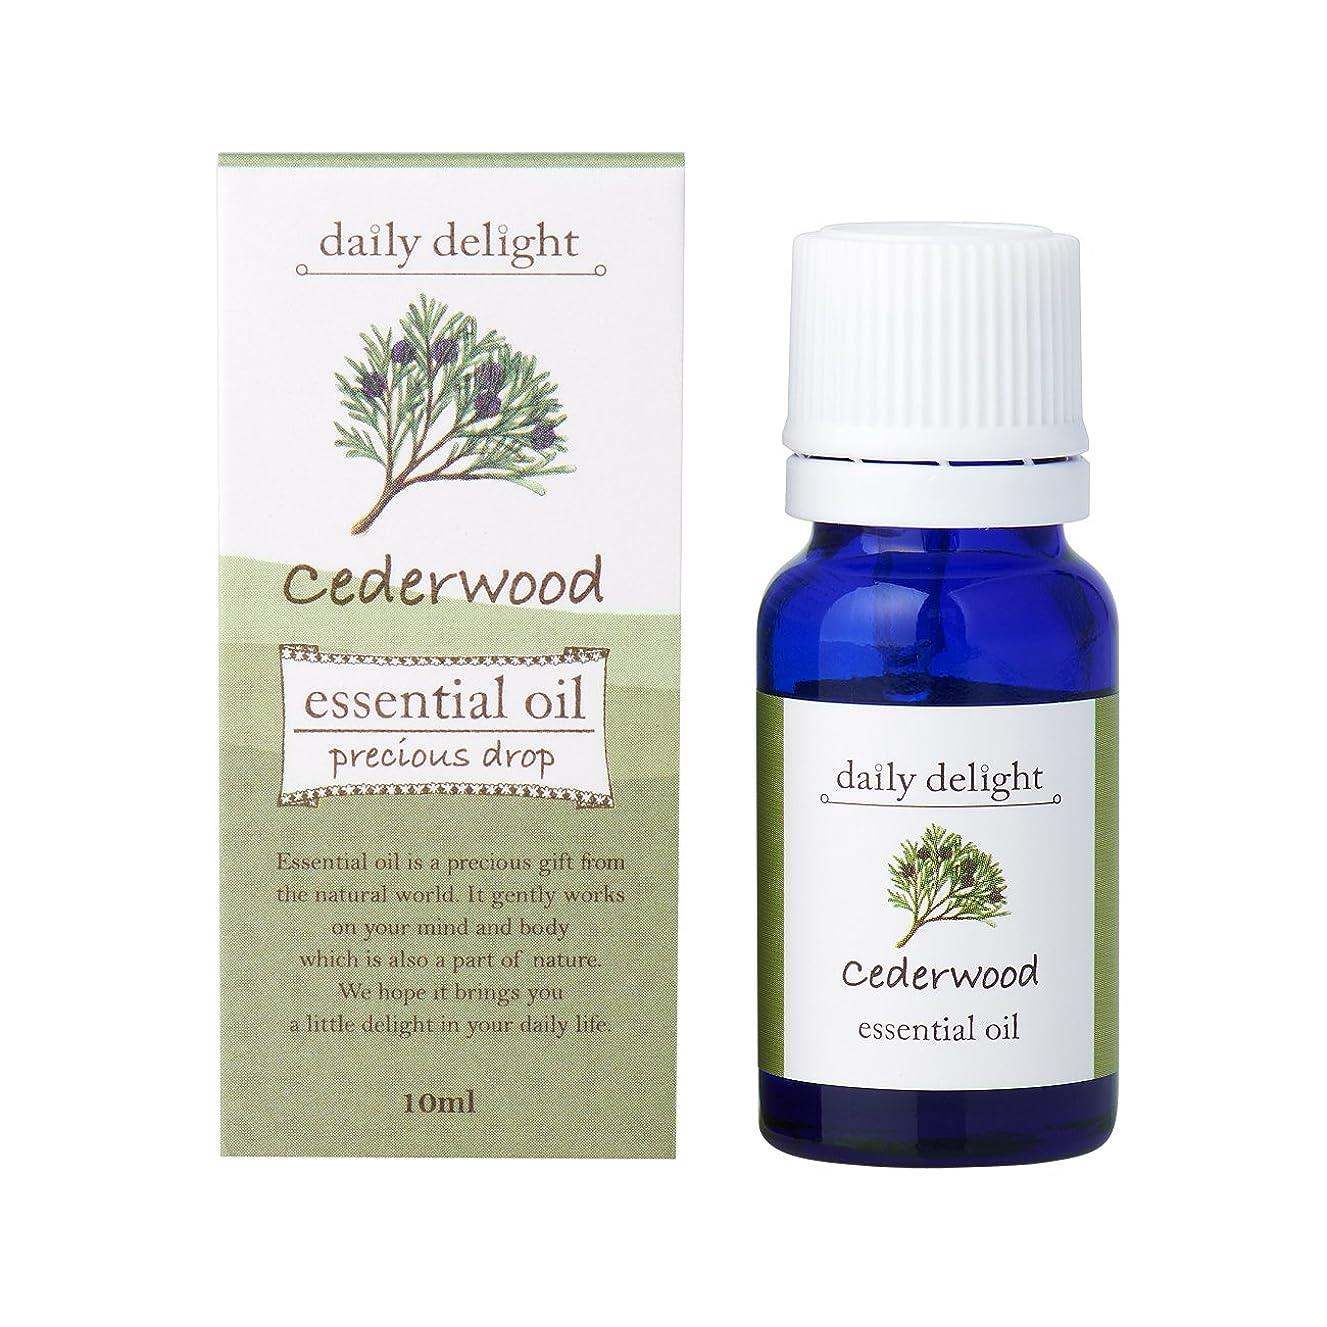 日常的にクック戻るデイリーディライト エッセンシャルオイル シダーウッド 10ml(天然100% 精油 アロマ 樹木系 温かみのあるやさしい木の香り)